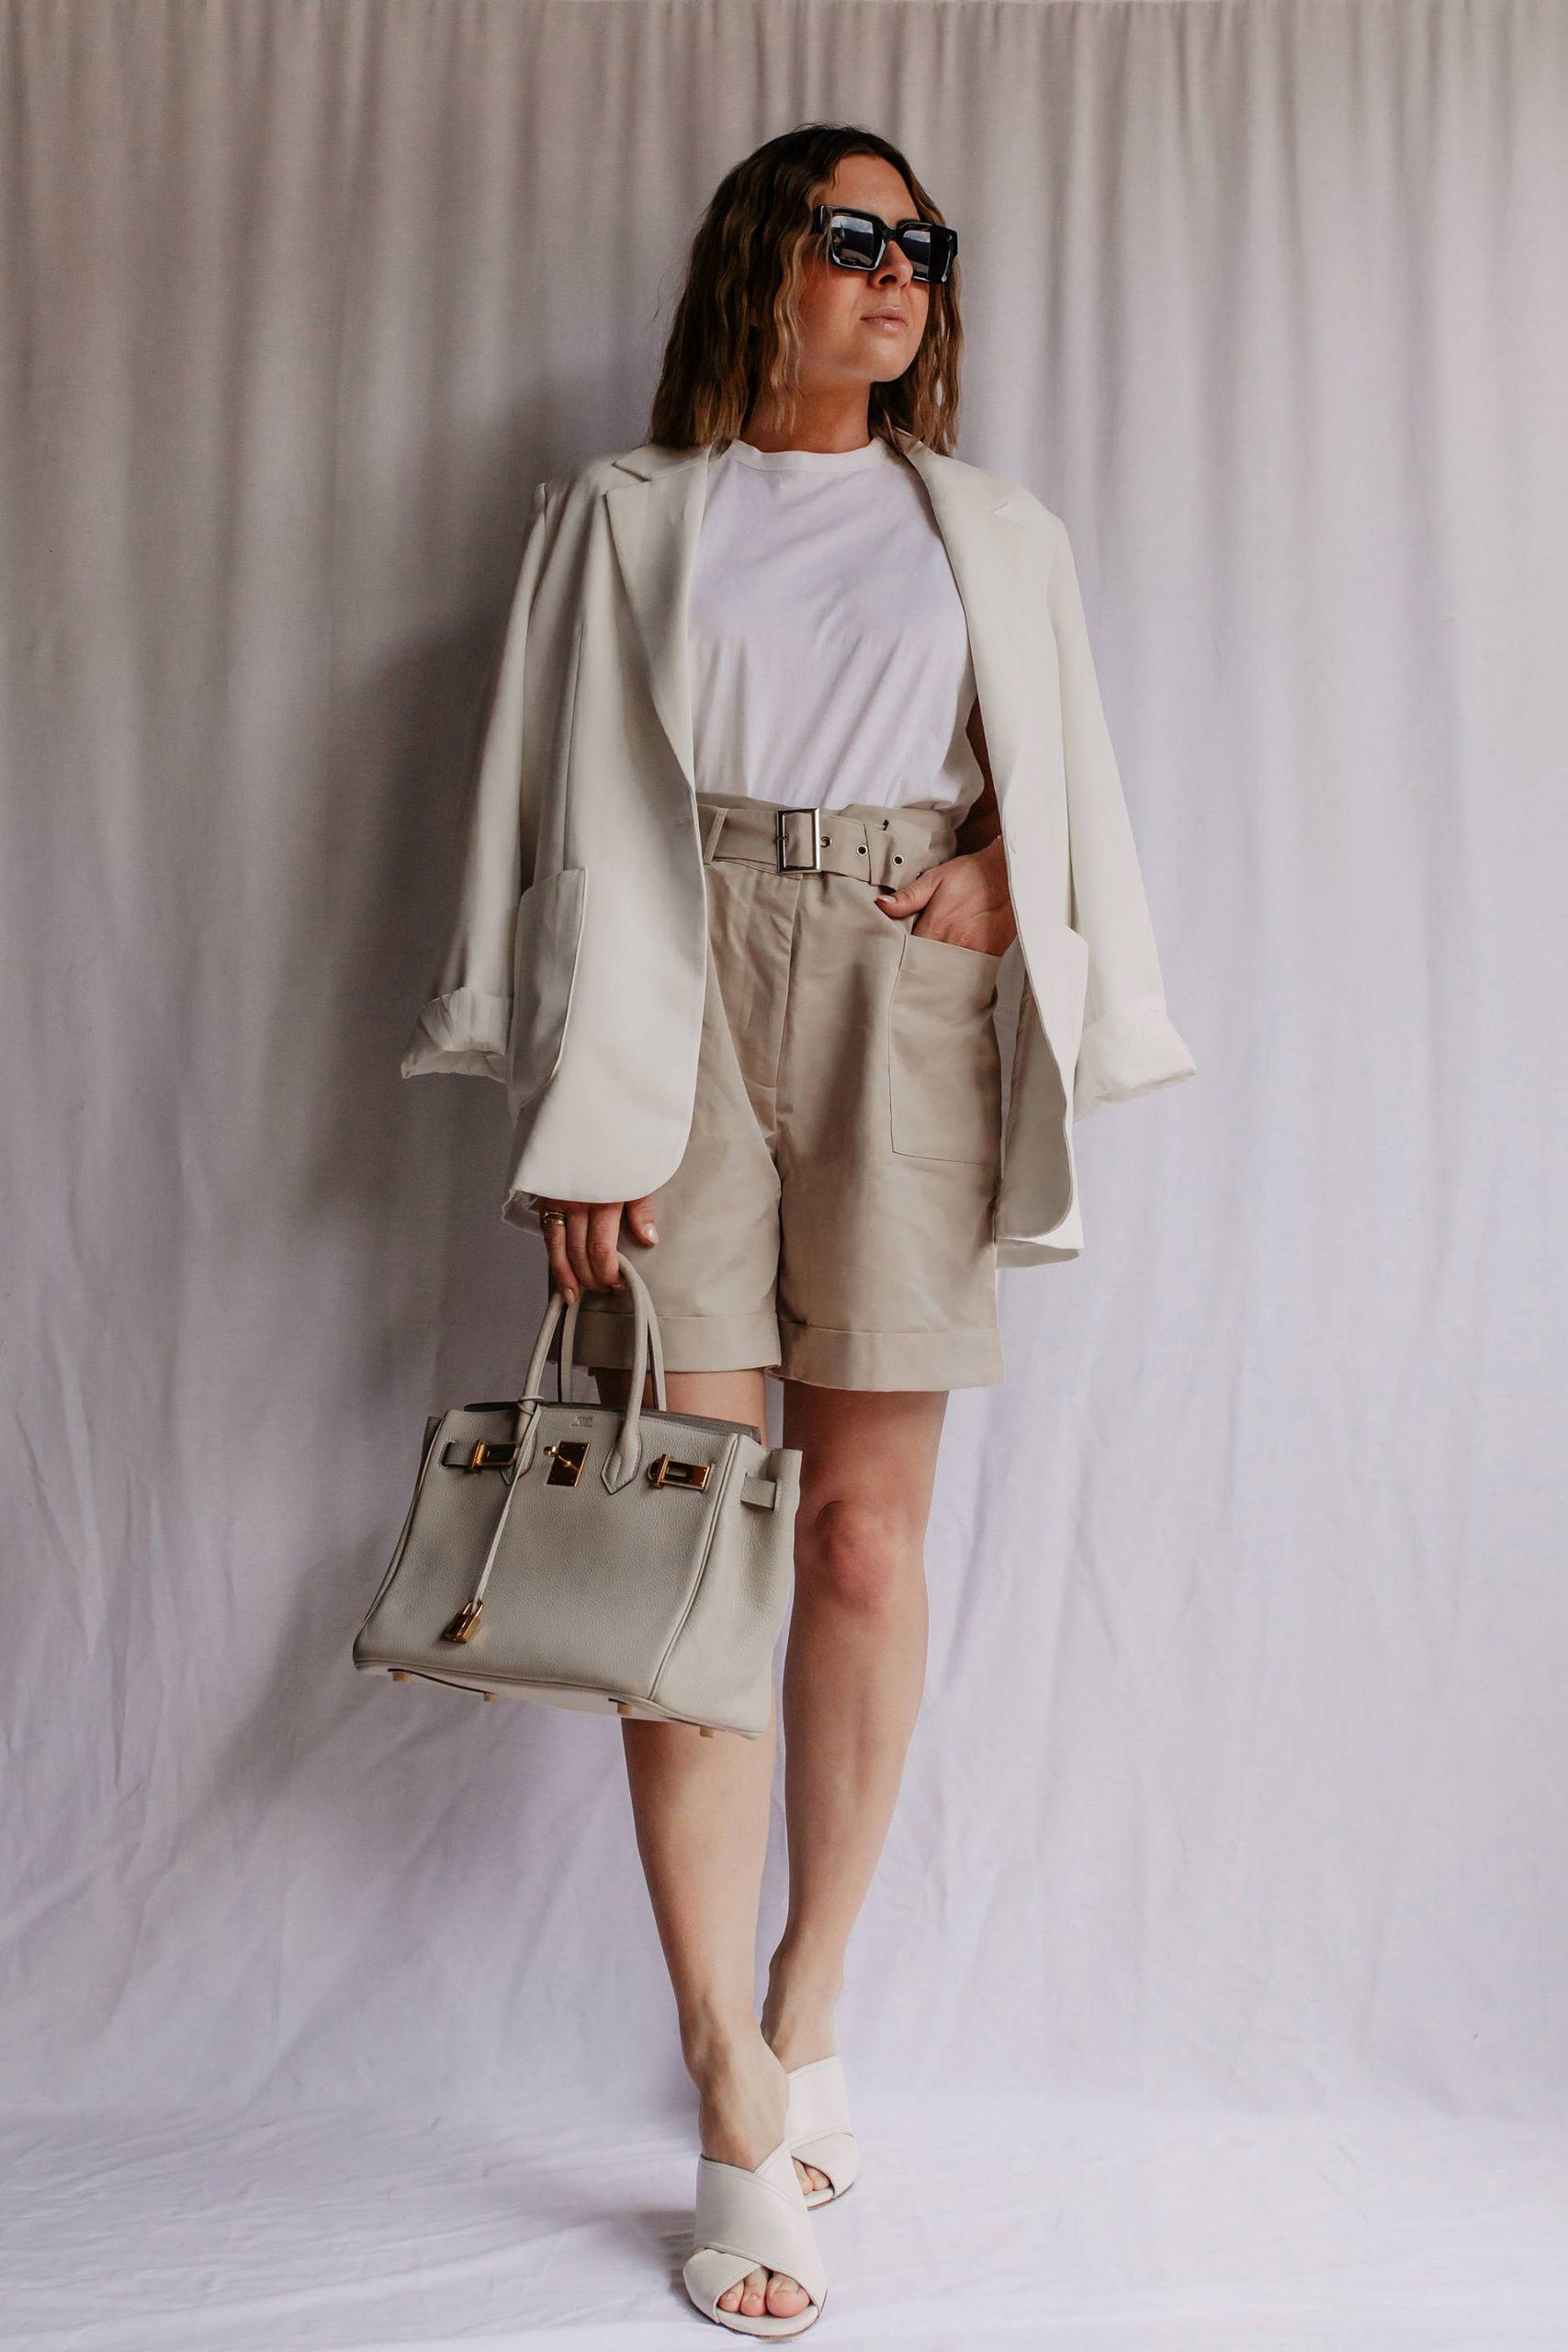 Auf meinem Modeblog zeige ich dir, wie gut und alltagstauglich sich kurze Shorts kombinieren lassen. Vorhang auf für tolle Sommer Outfits! www.whoismocca.com